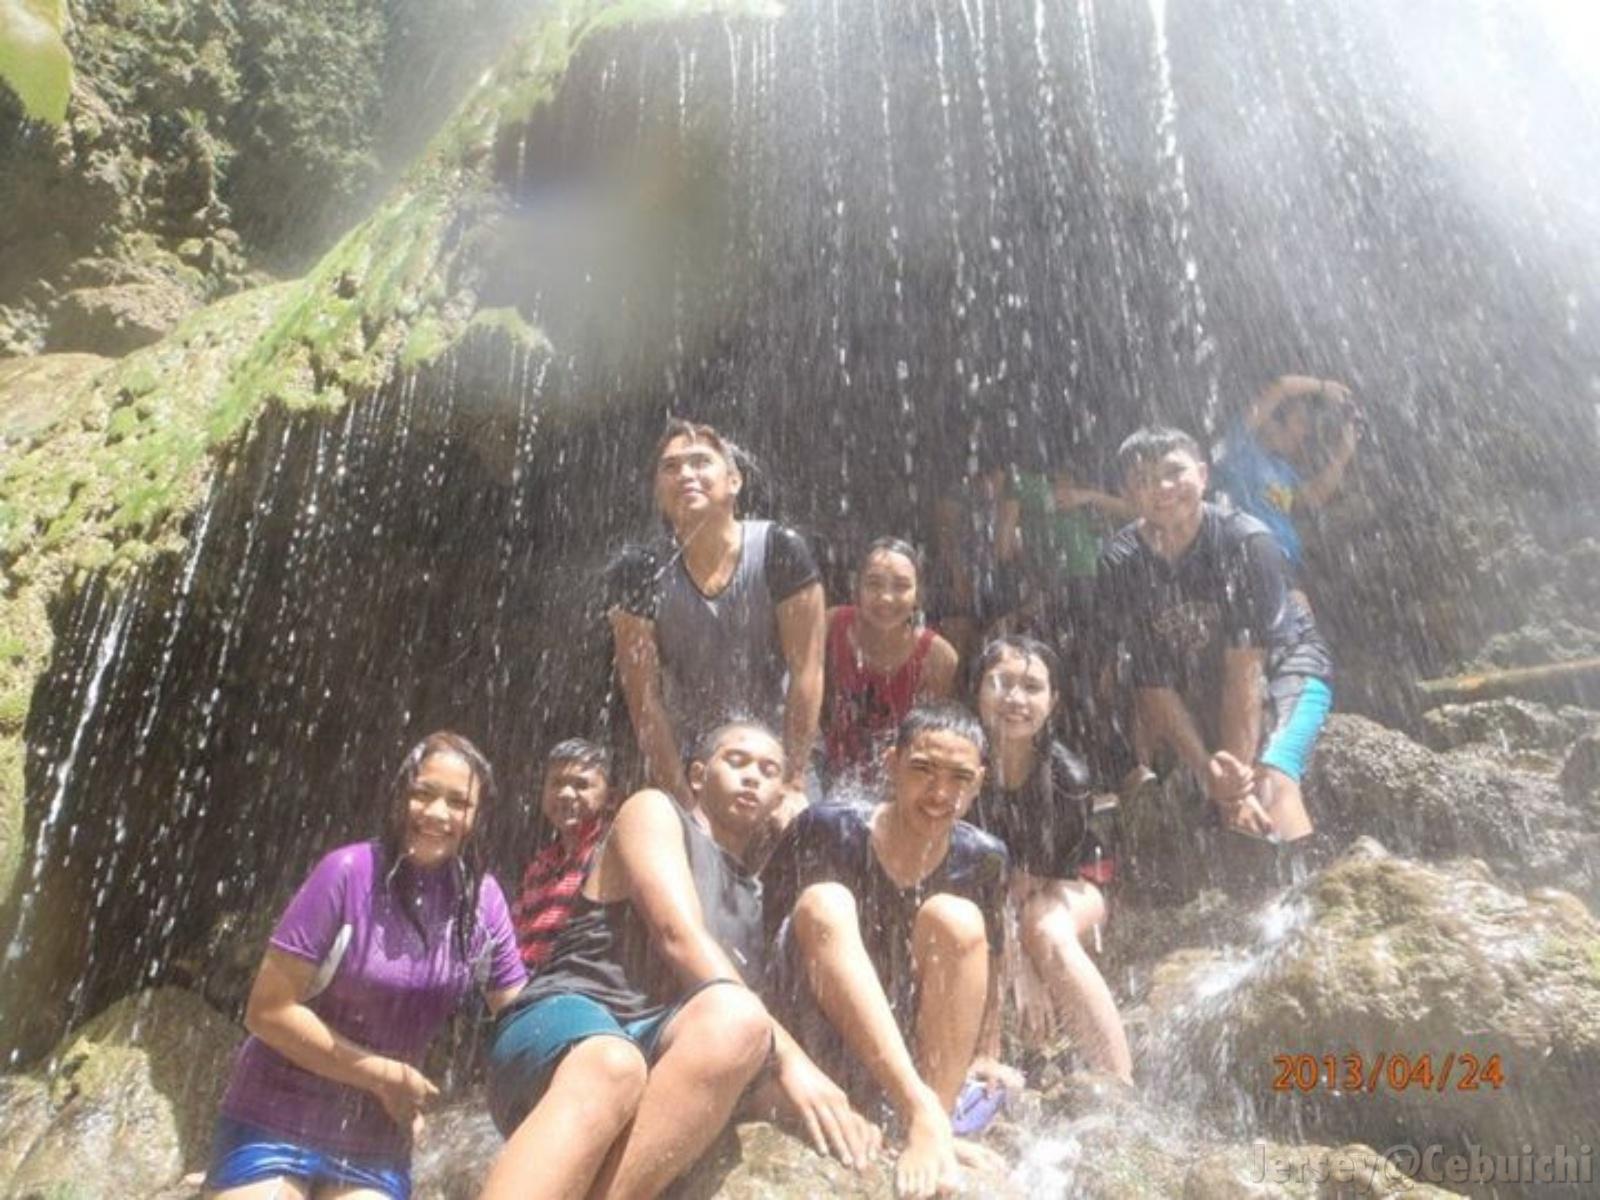 Enjoying the falls.